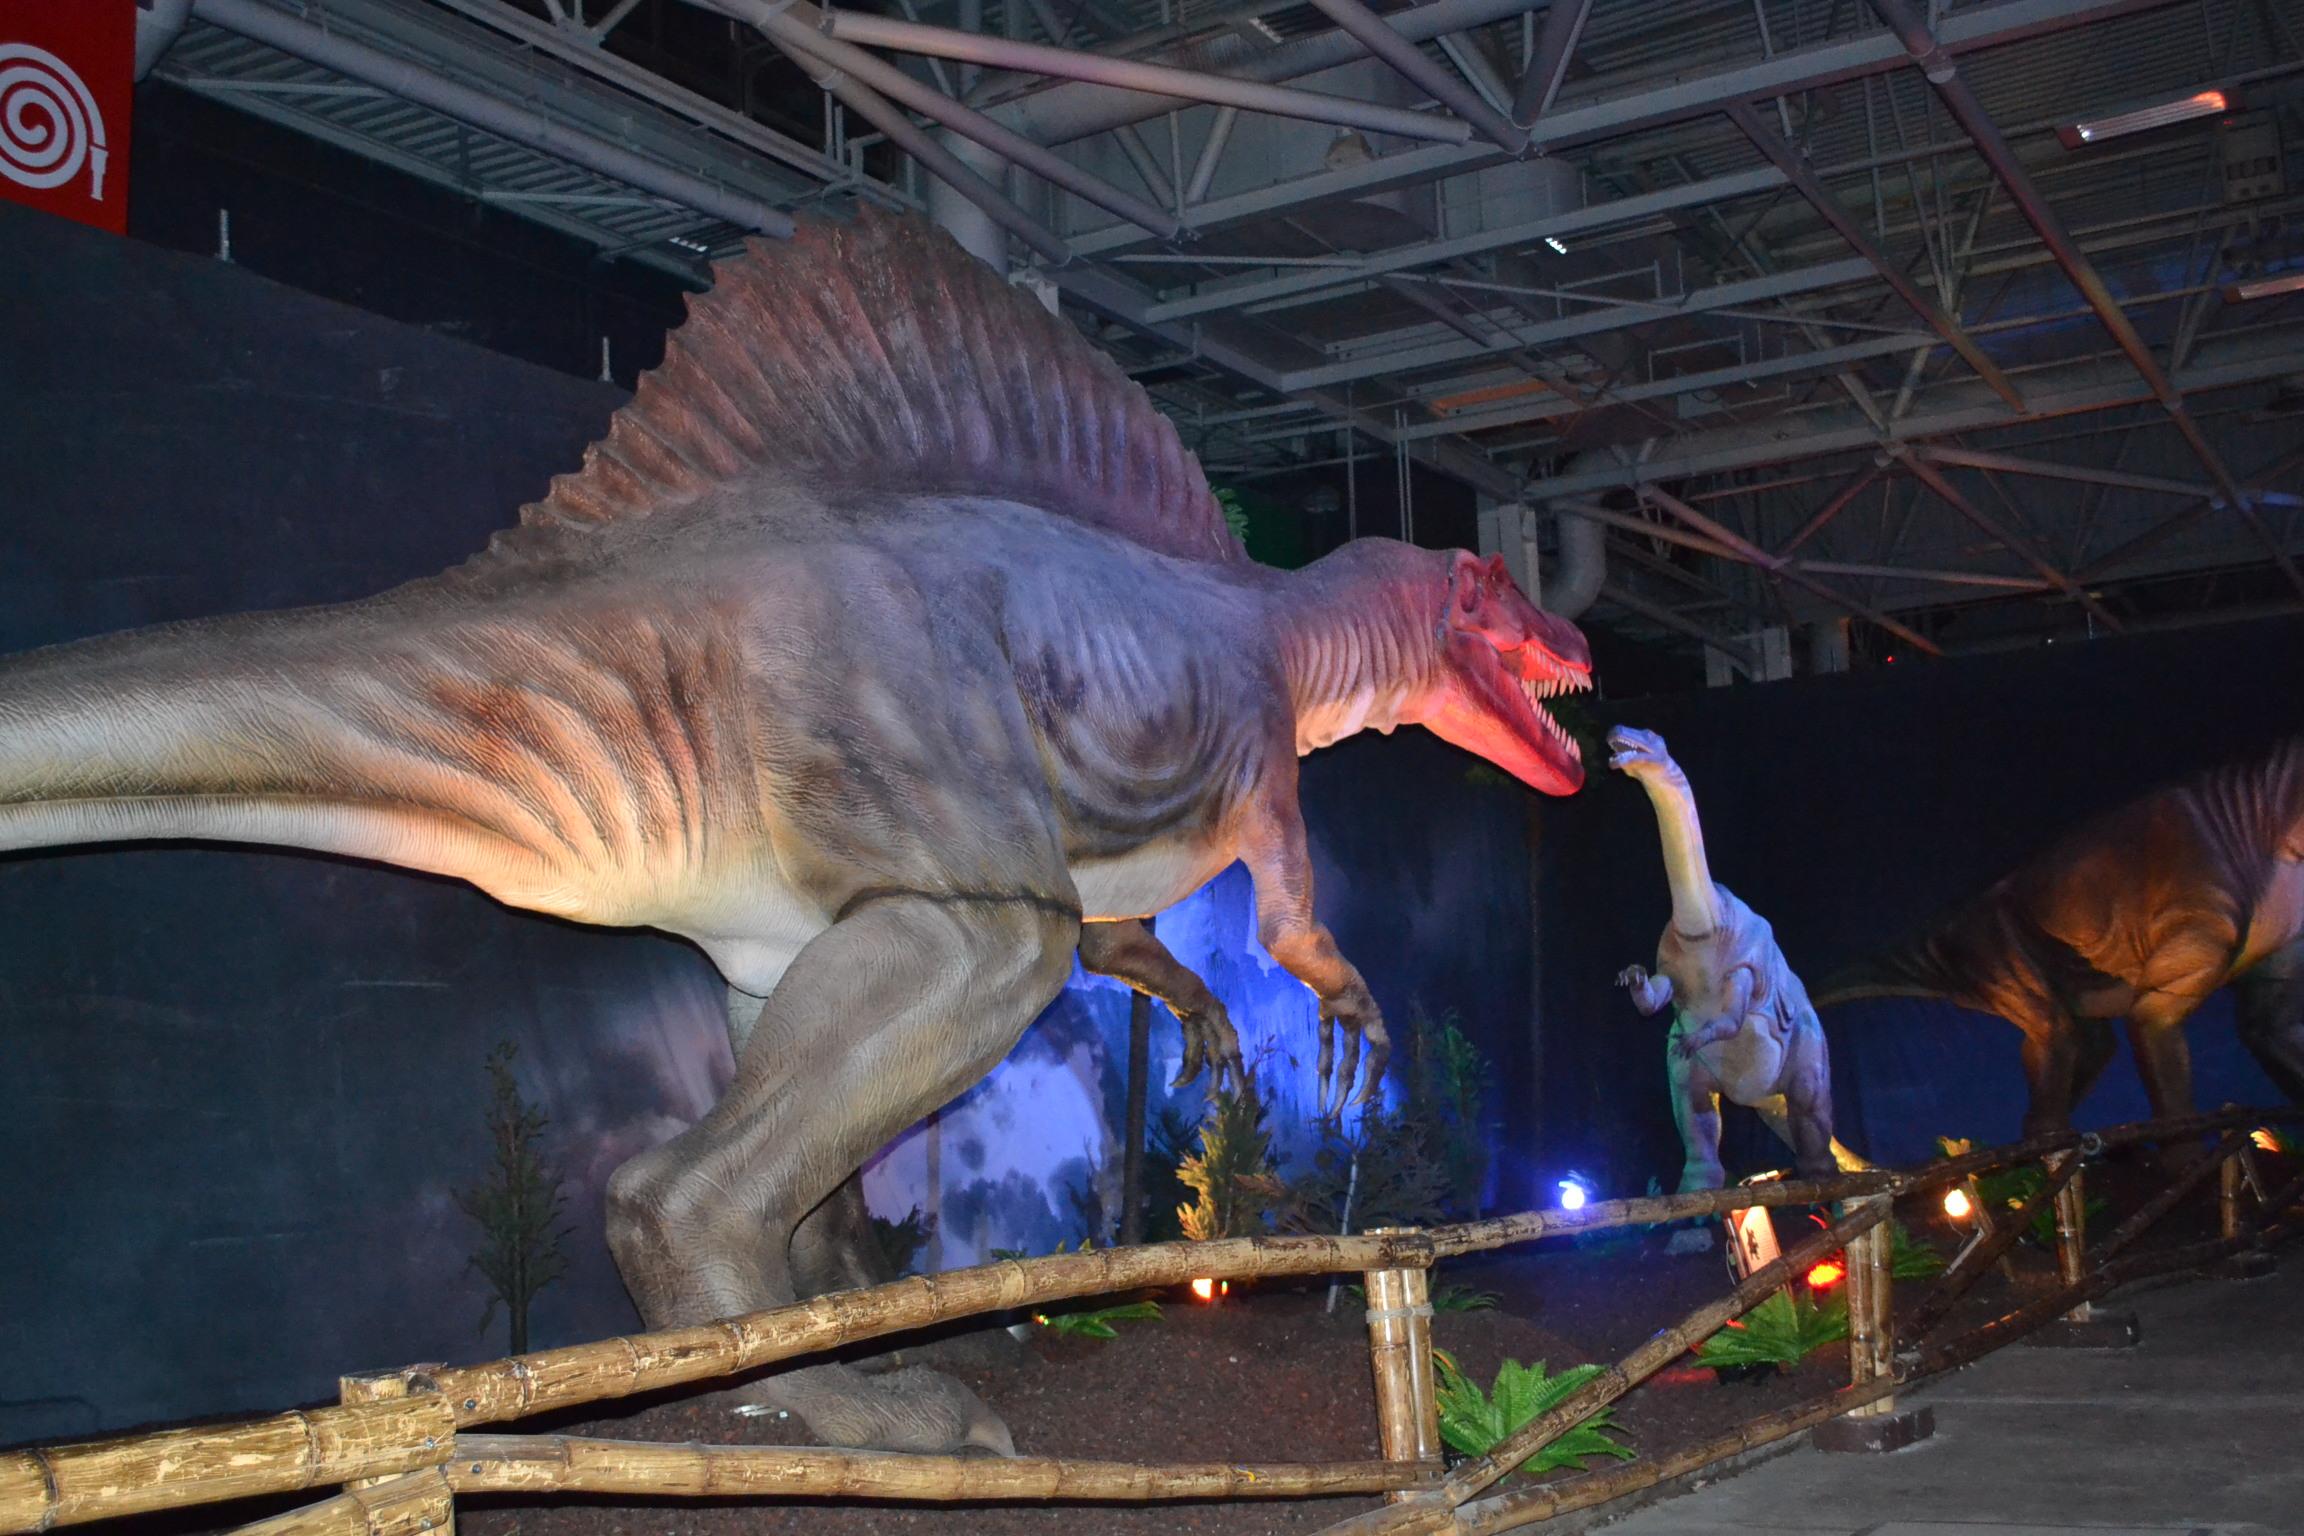 Les dinosaures d barquent porte de versailles luxsure - Porte de versailles animaux ...